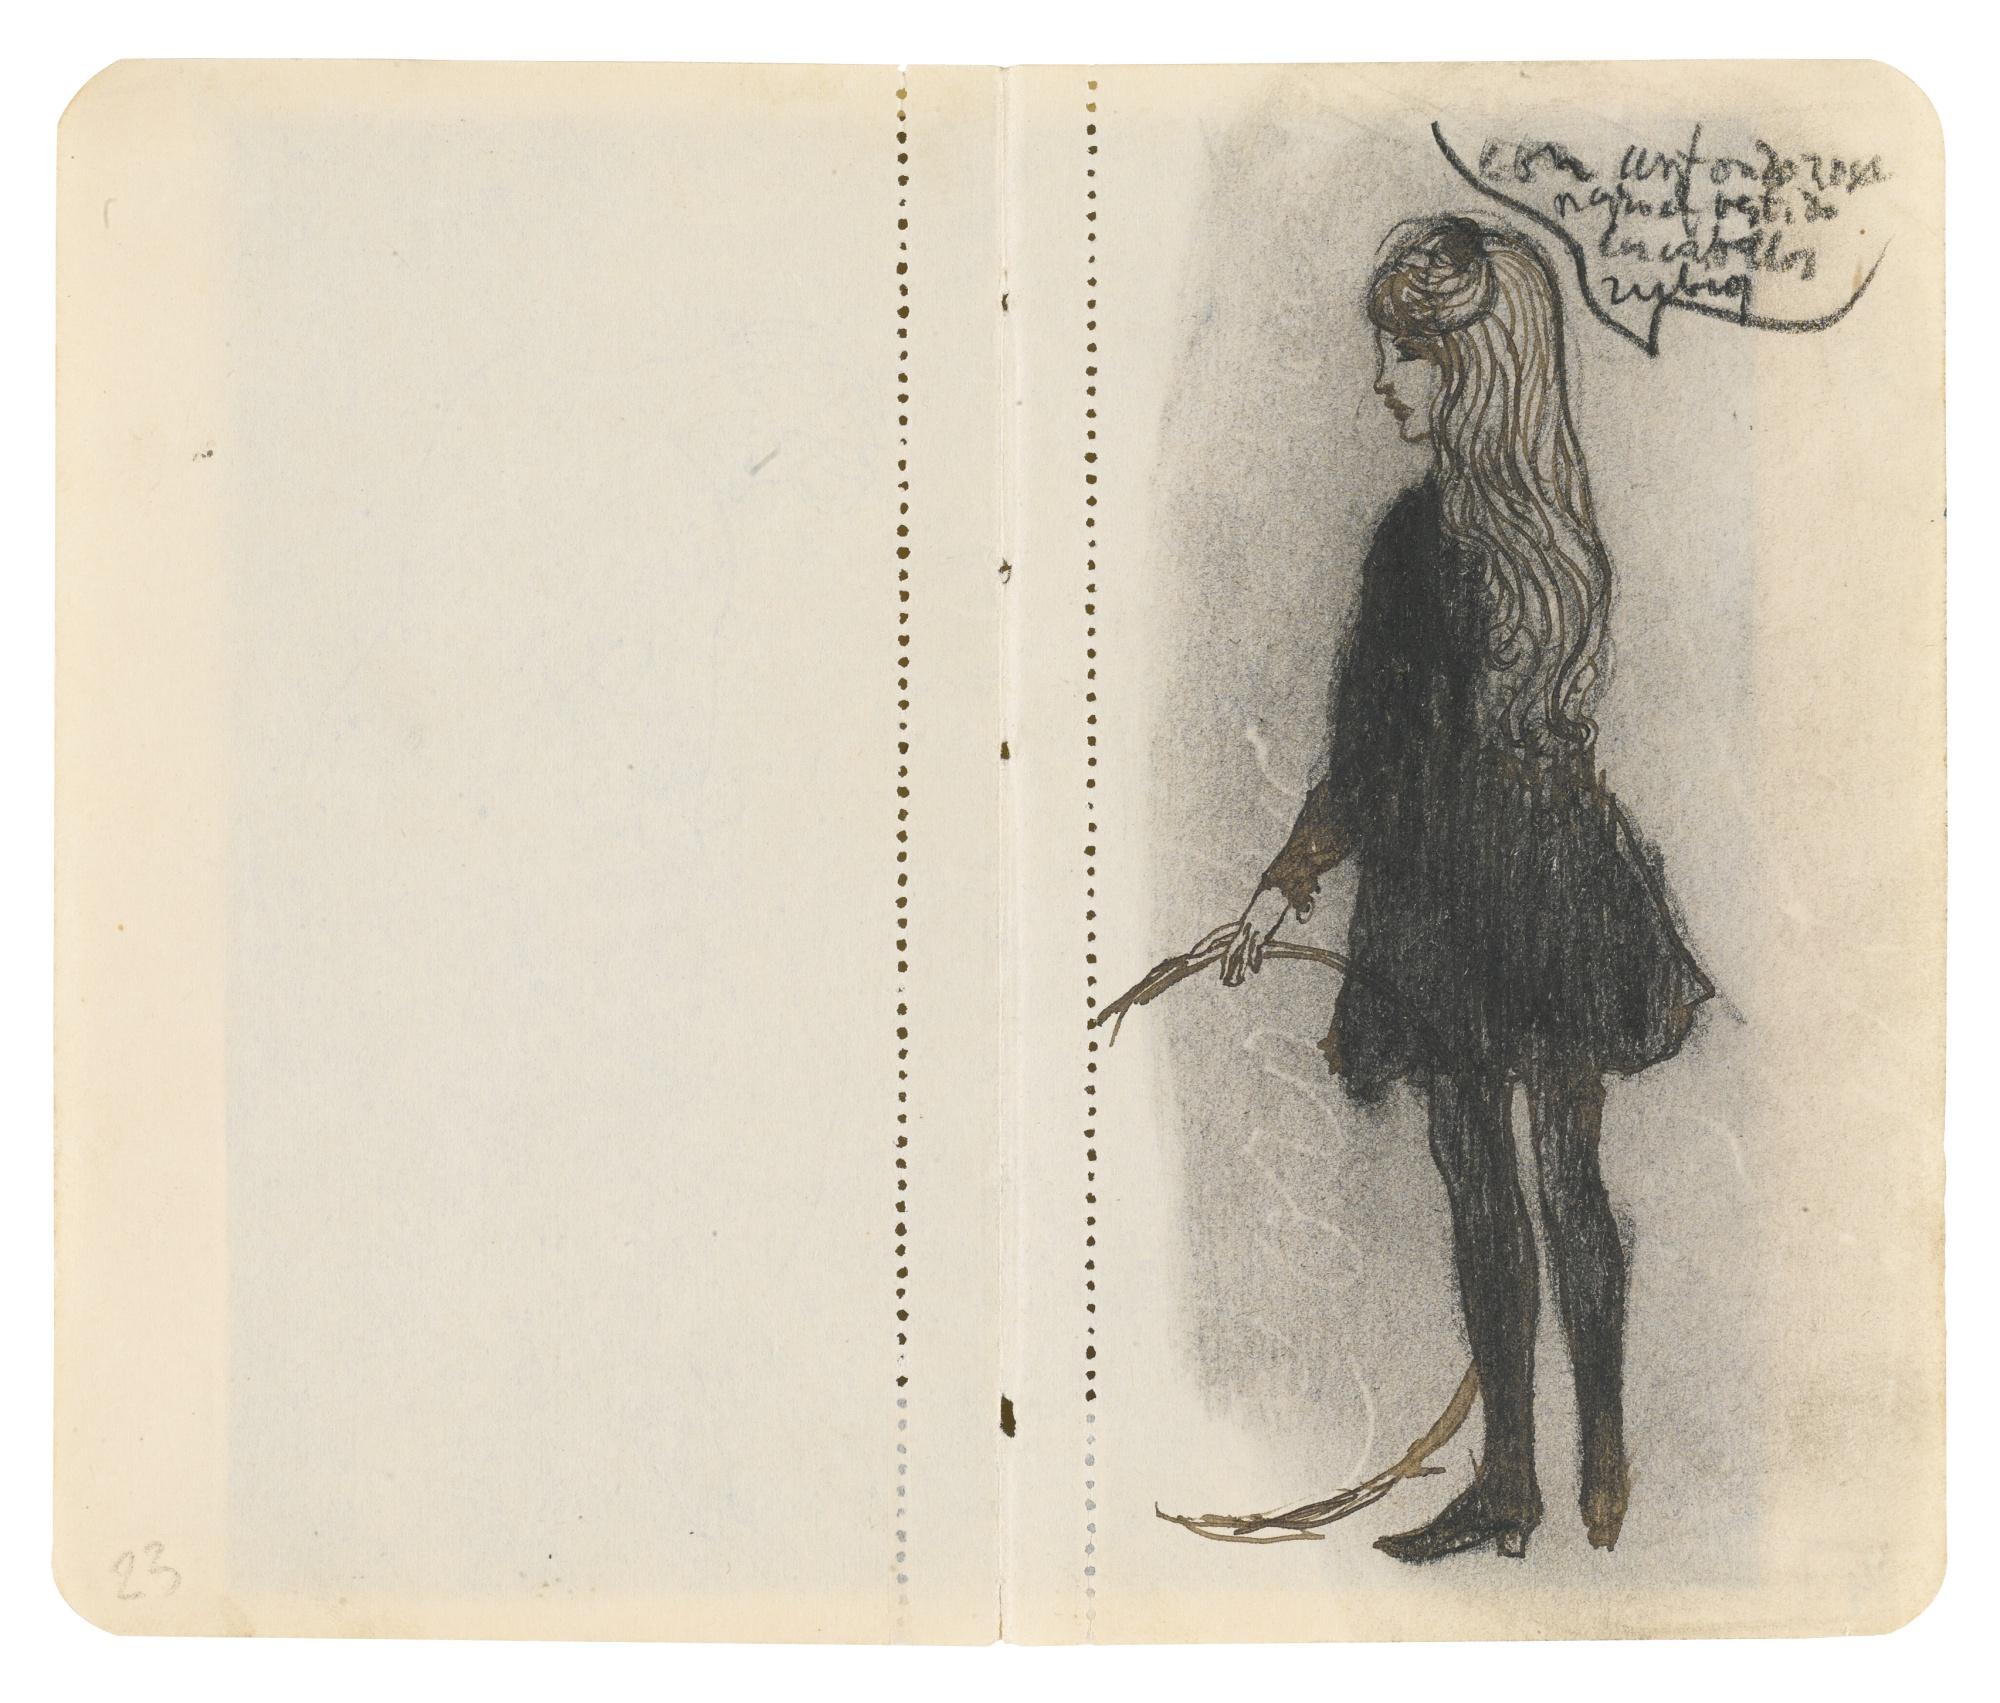 Pablo Picasso-Fille Avec Cerceau-Recto Nu Assis -Verso-1905